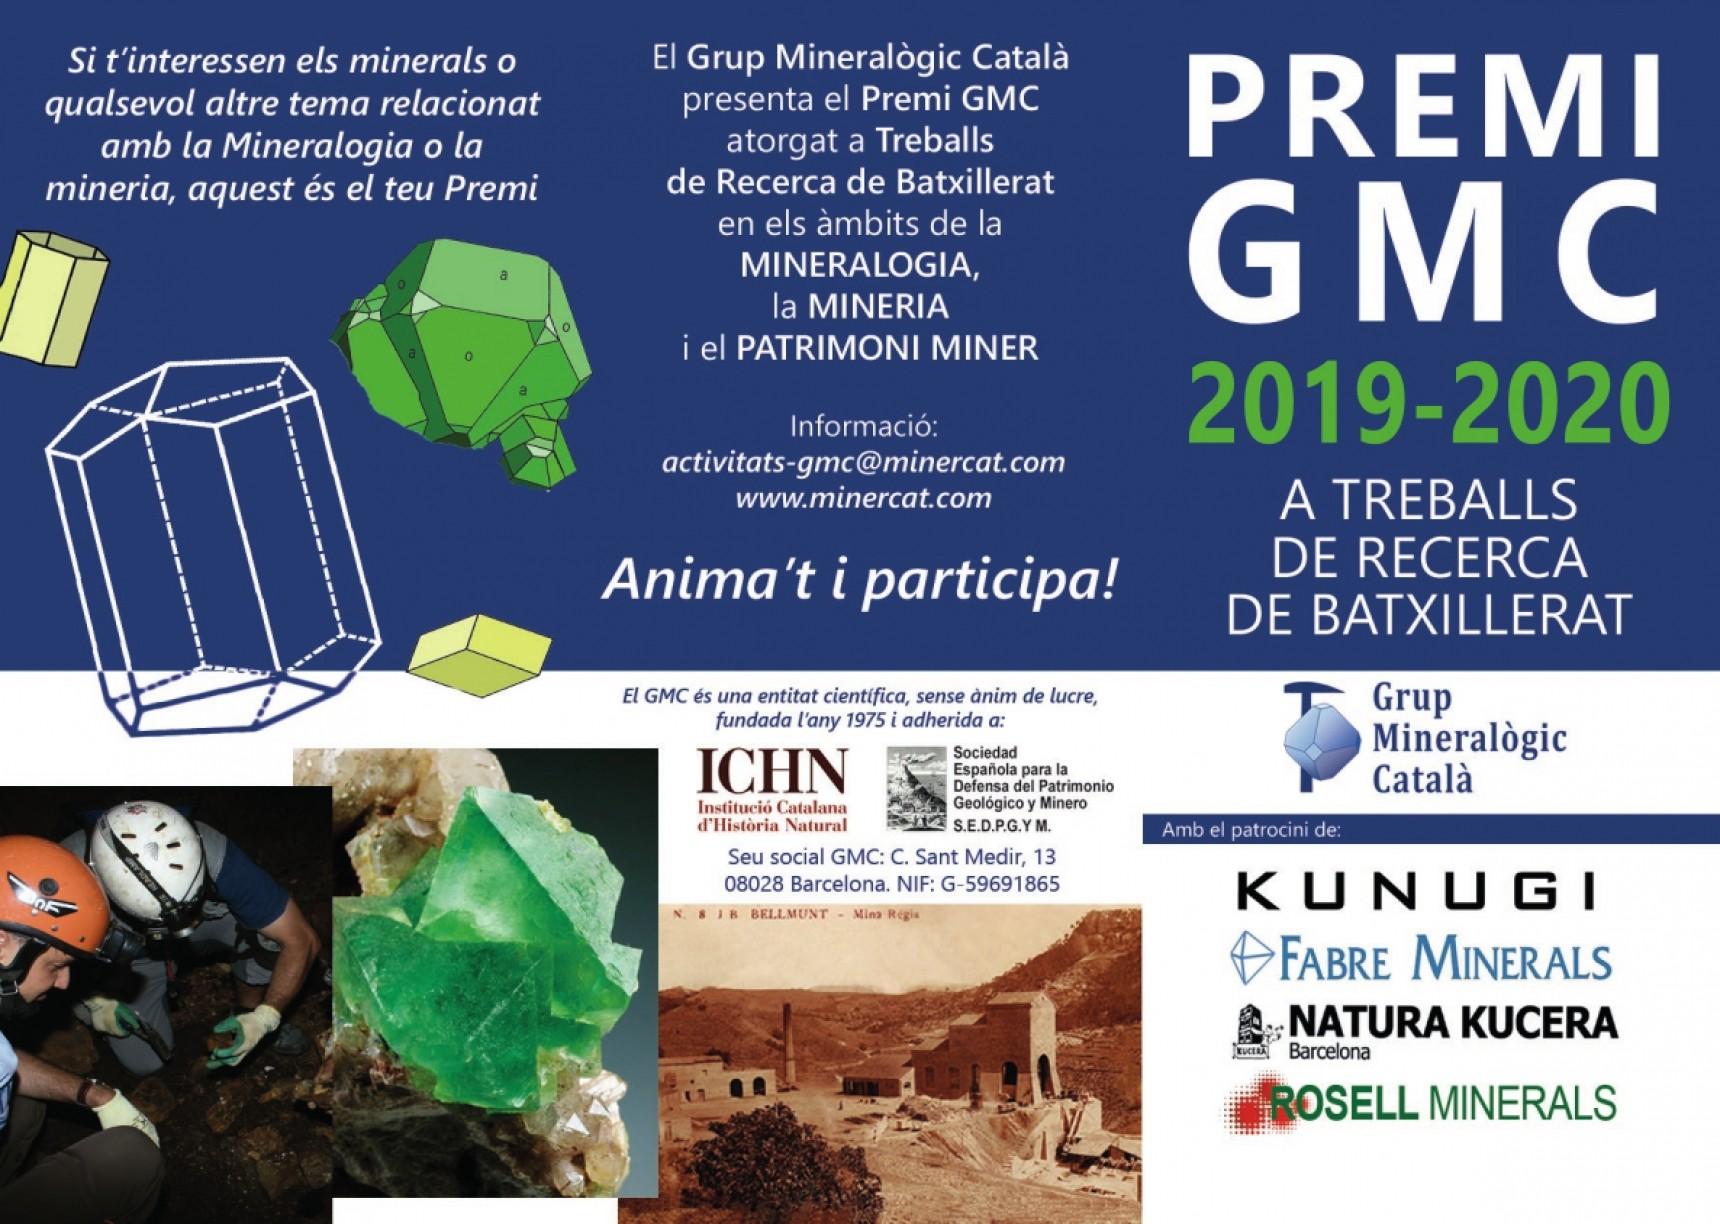 El Grup Mineralògic Català convoca anualment, i des del curs acadèmic 2014-2015, l'edició dels Premis GMC als millors treballs de recerca de batxillerat en l'àmbit de la mineralogia, la mineria i el patrimoni miner, en la modalitat: Premi al millor treball de recerca de batxillerat de Catalunya. Consulteu les Bases Reguladores a l'interior. L'entrega dels premis es realitzarà en acte solemne dins del pròxim Saló Expominer, a l'estand del Grup Mineralògic Català.